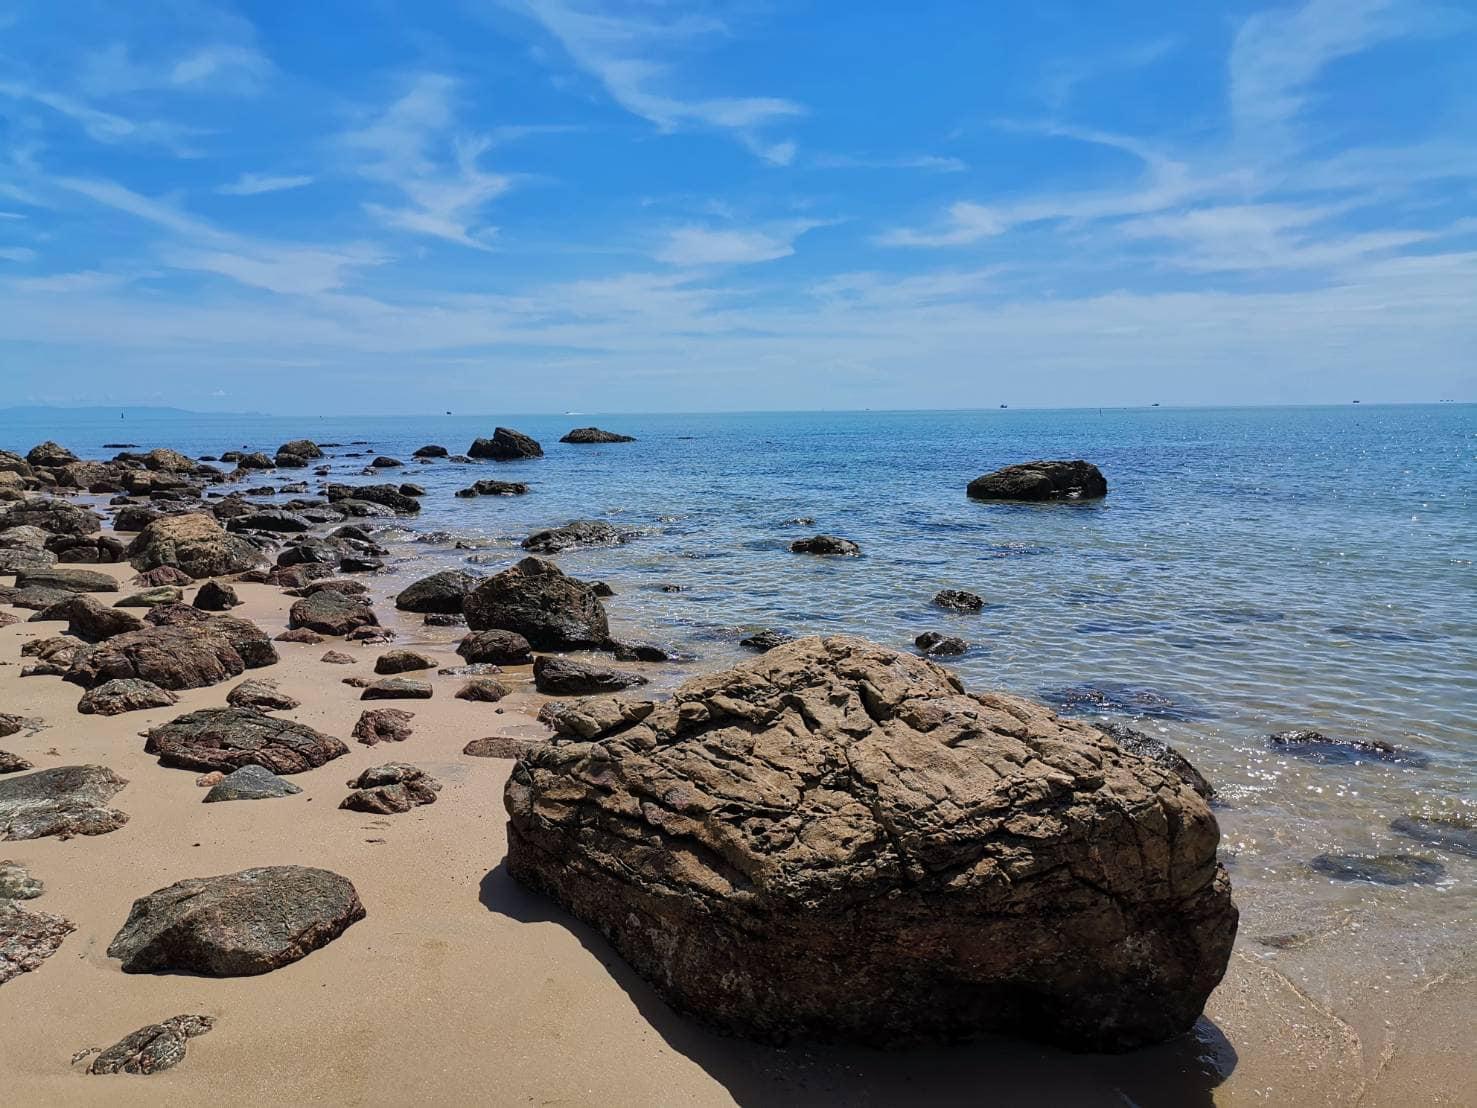 หาดหินงาม at ประสานสุข วิลล่า บีช รีสอร์ท